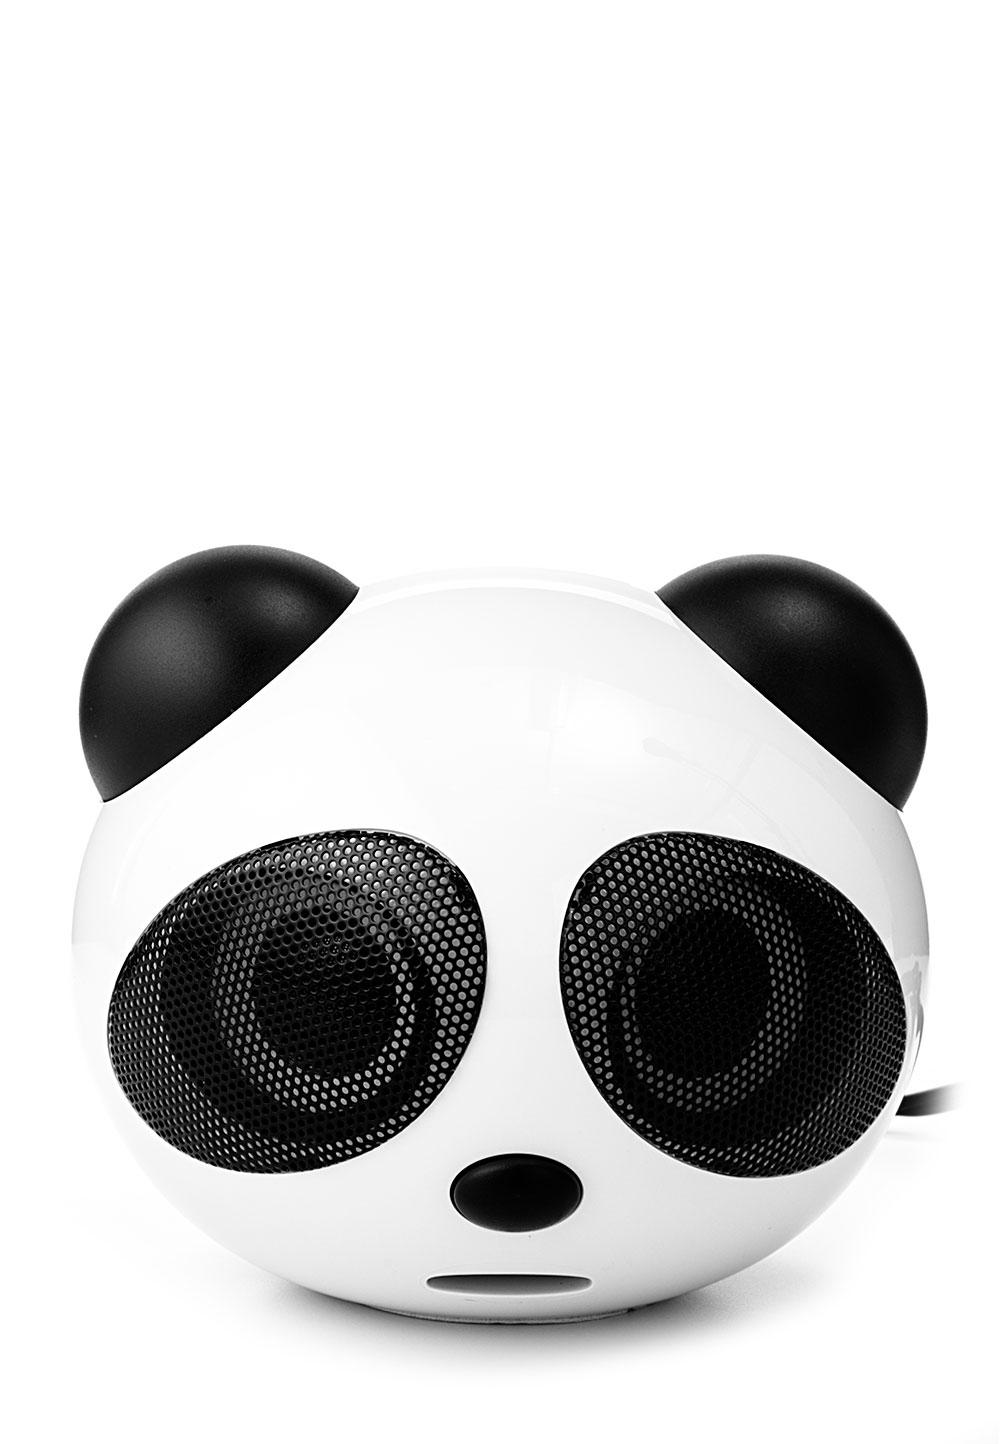 BOXA PANDA - STZ